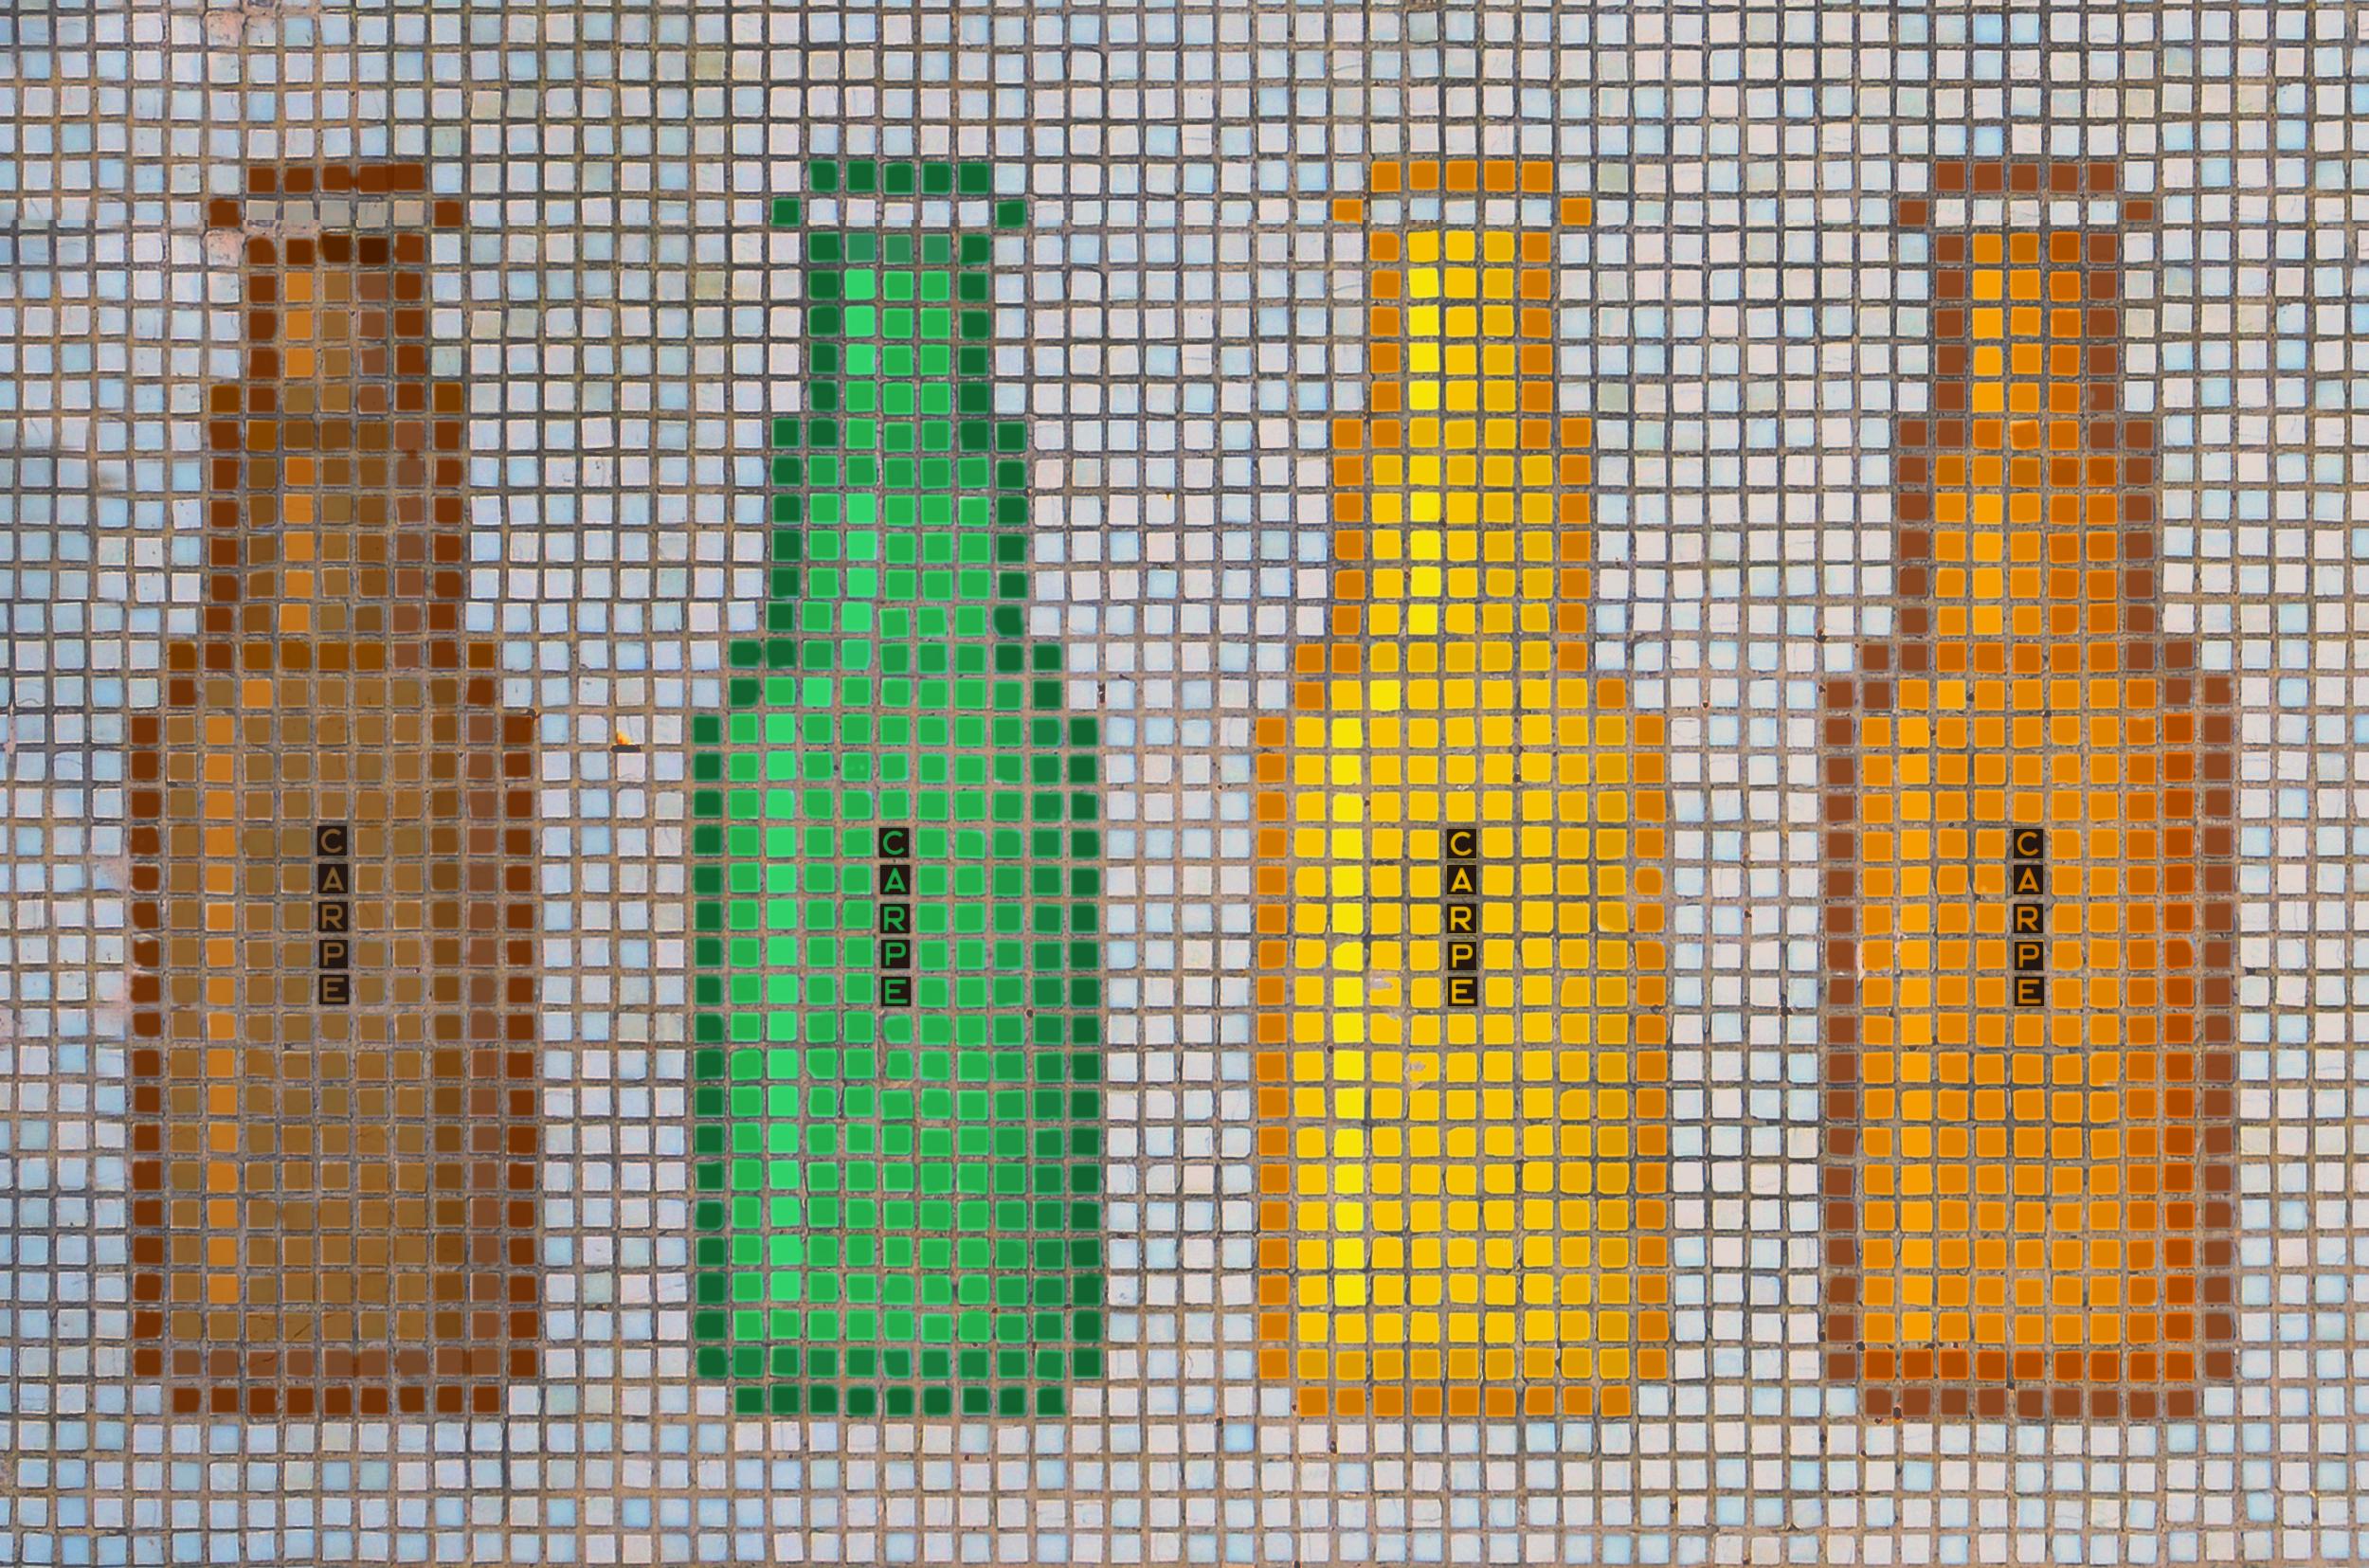 carpe-mosaic-6.png